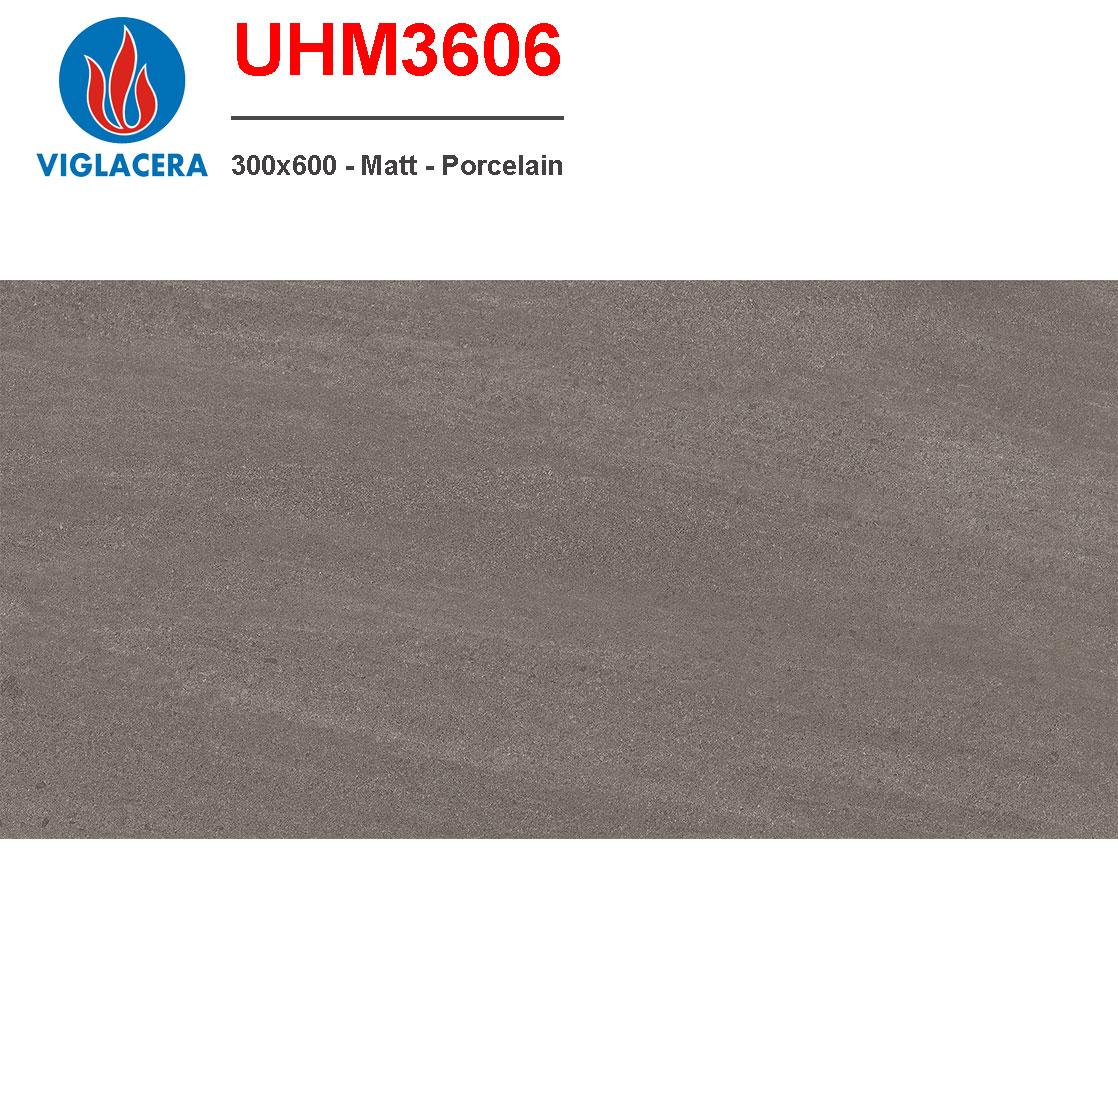 Gạch ốp tường Viglacera UHM3606 giá rẻ